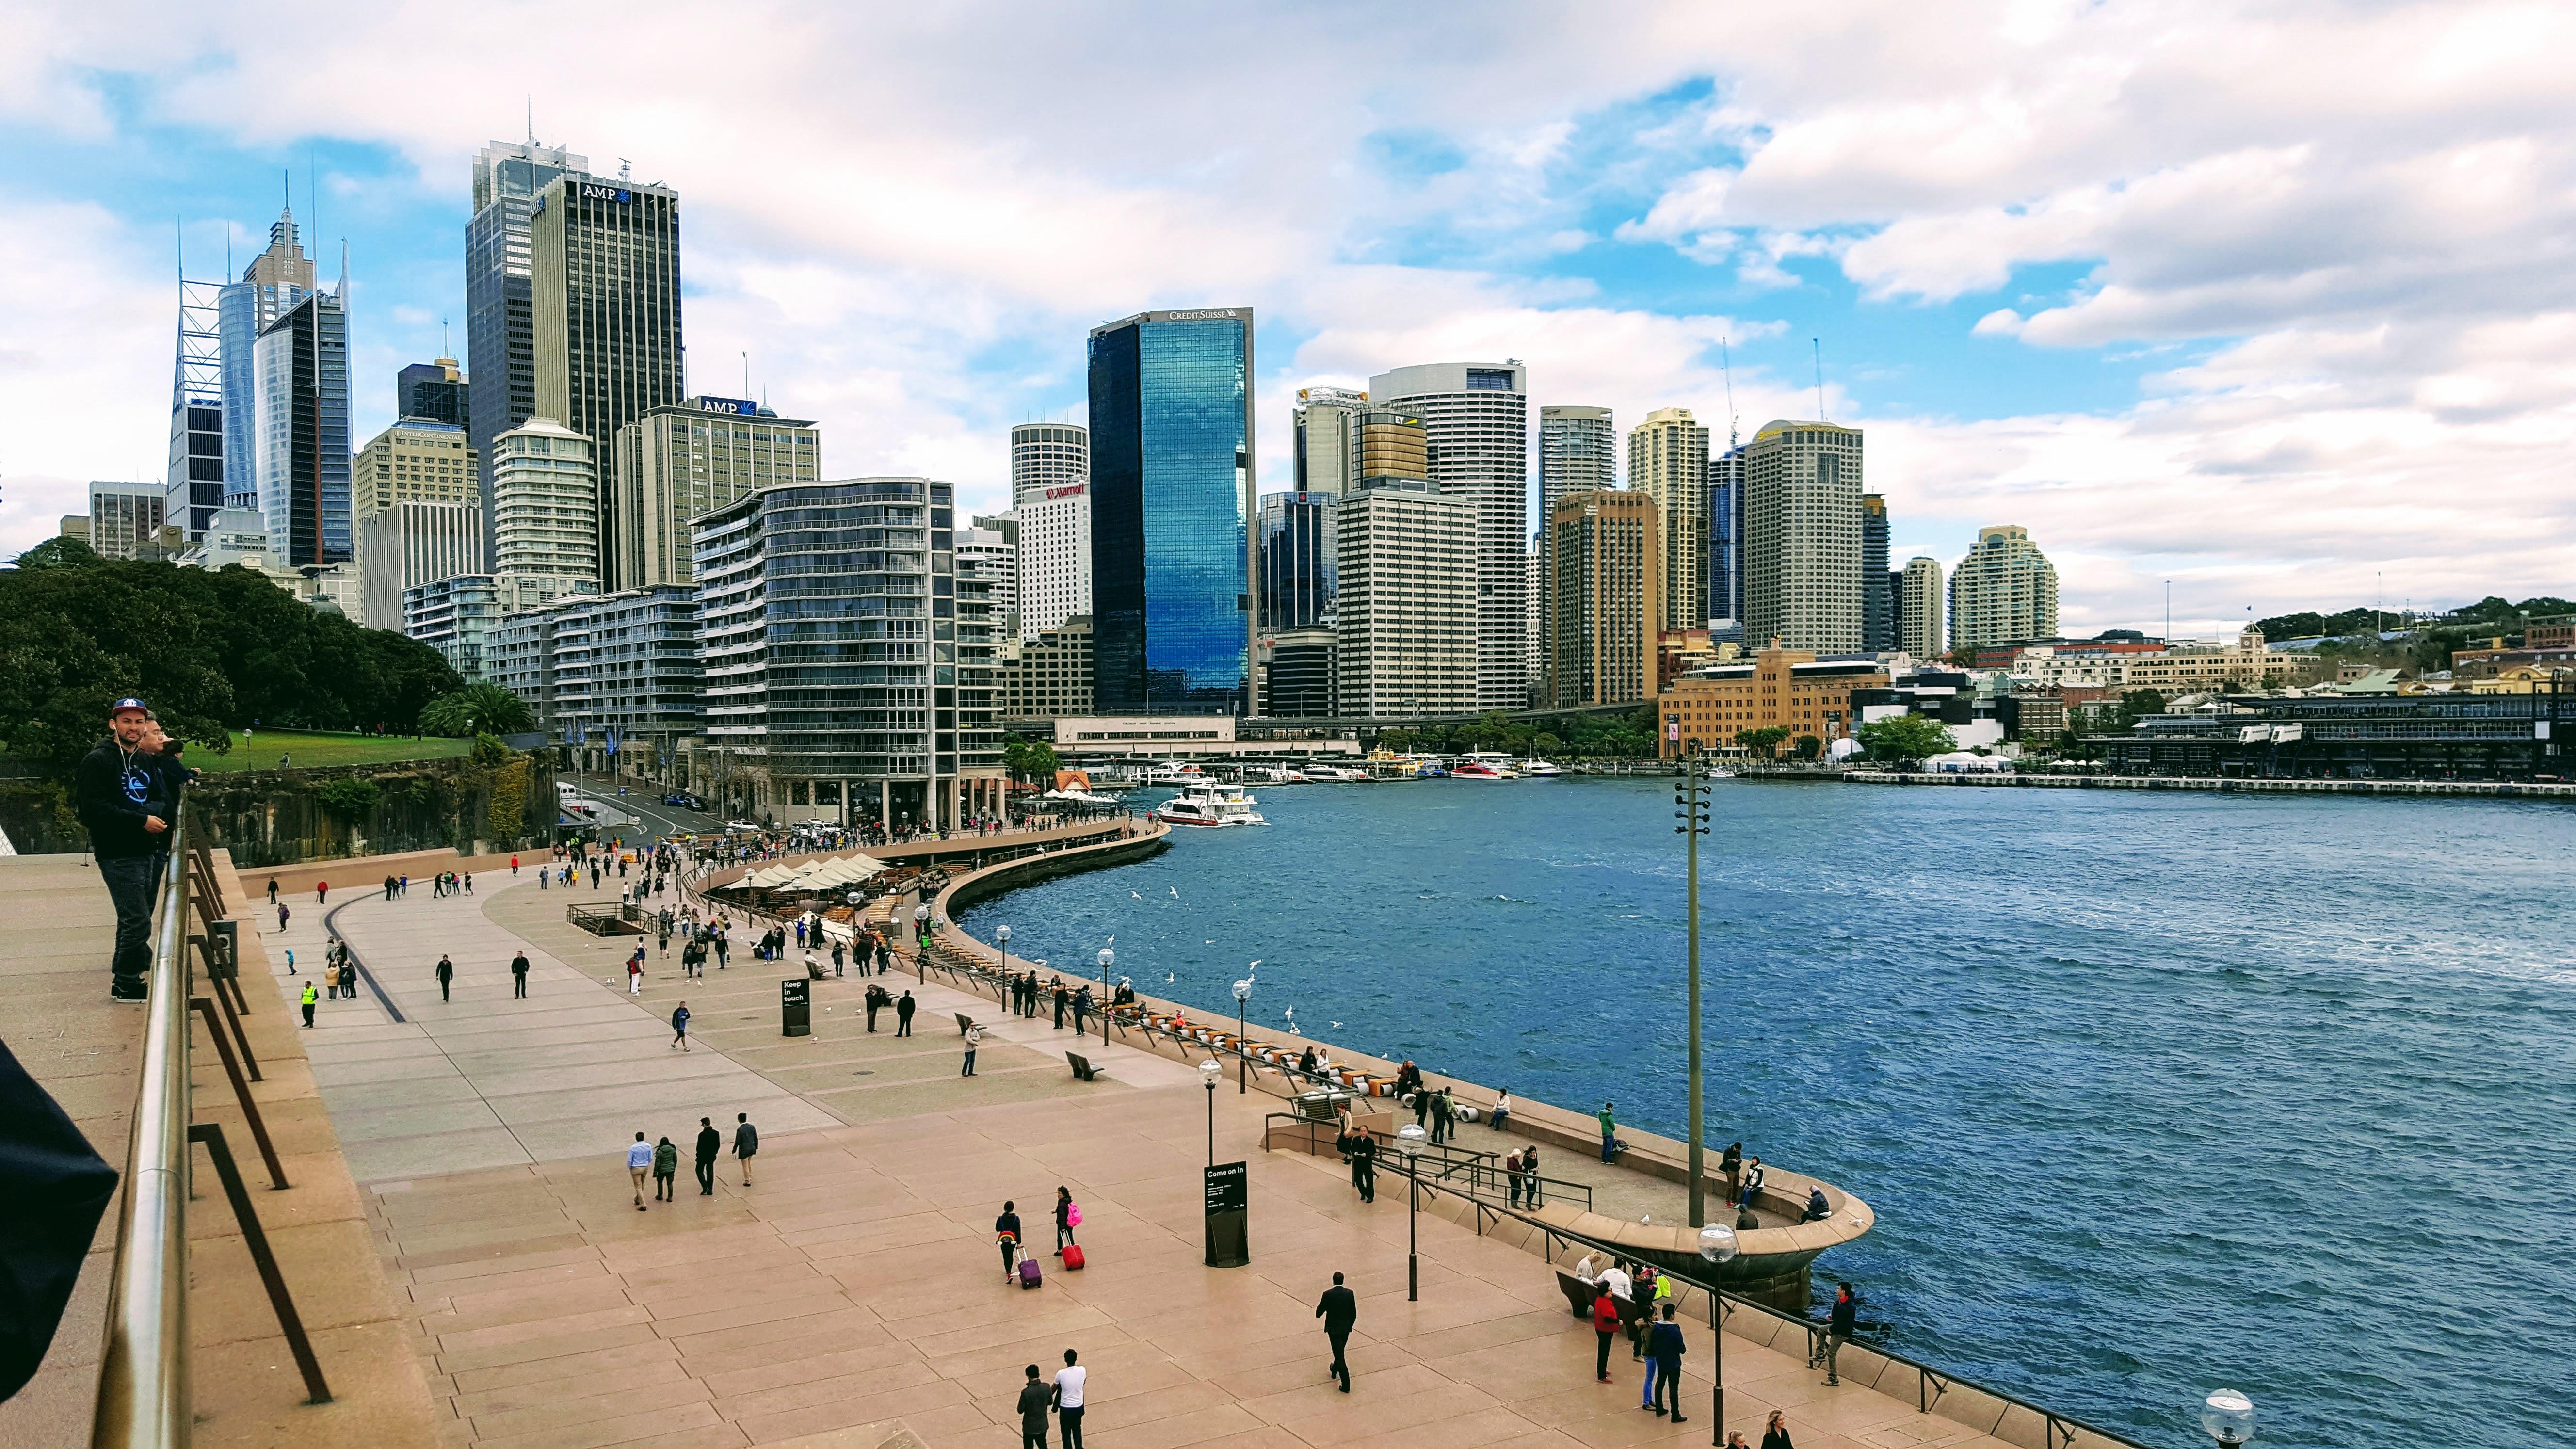 Sydney, New South Wales, Australia – 2 Day Trip